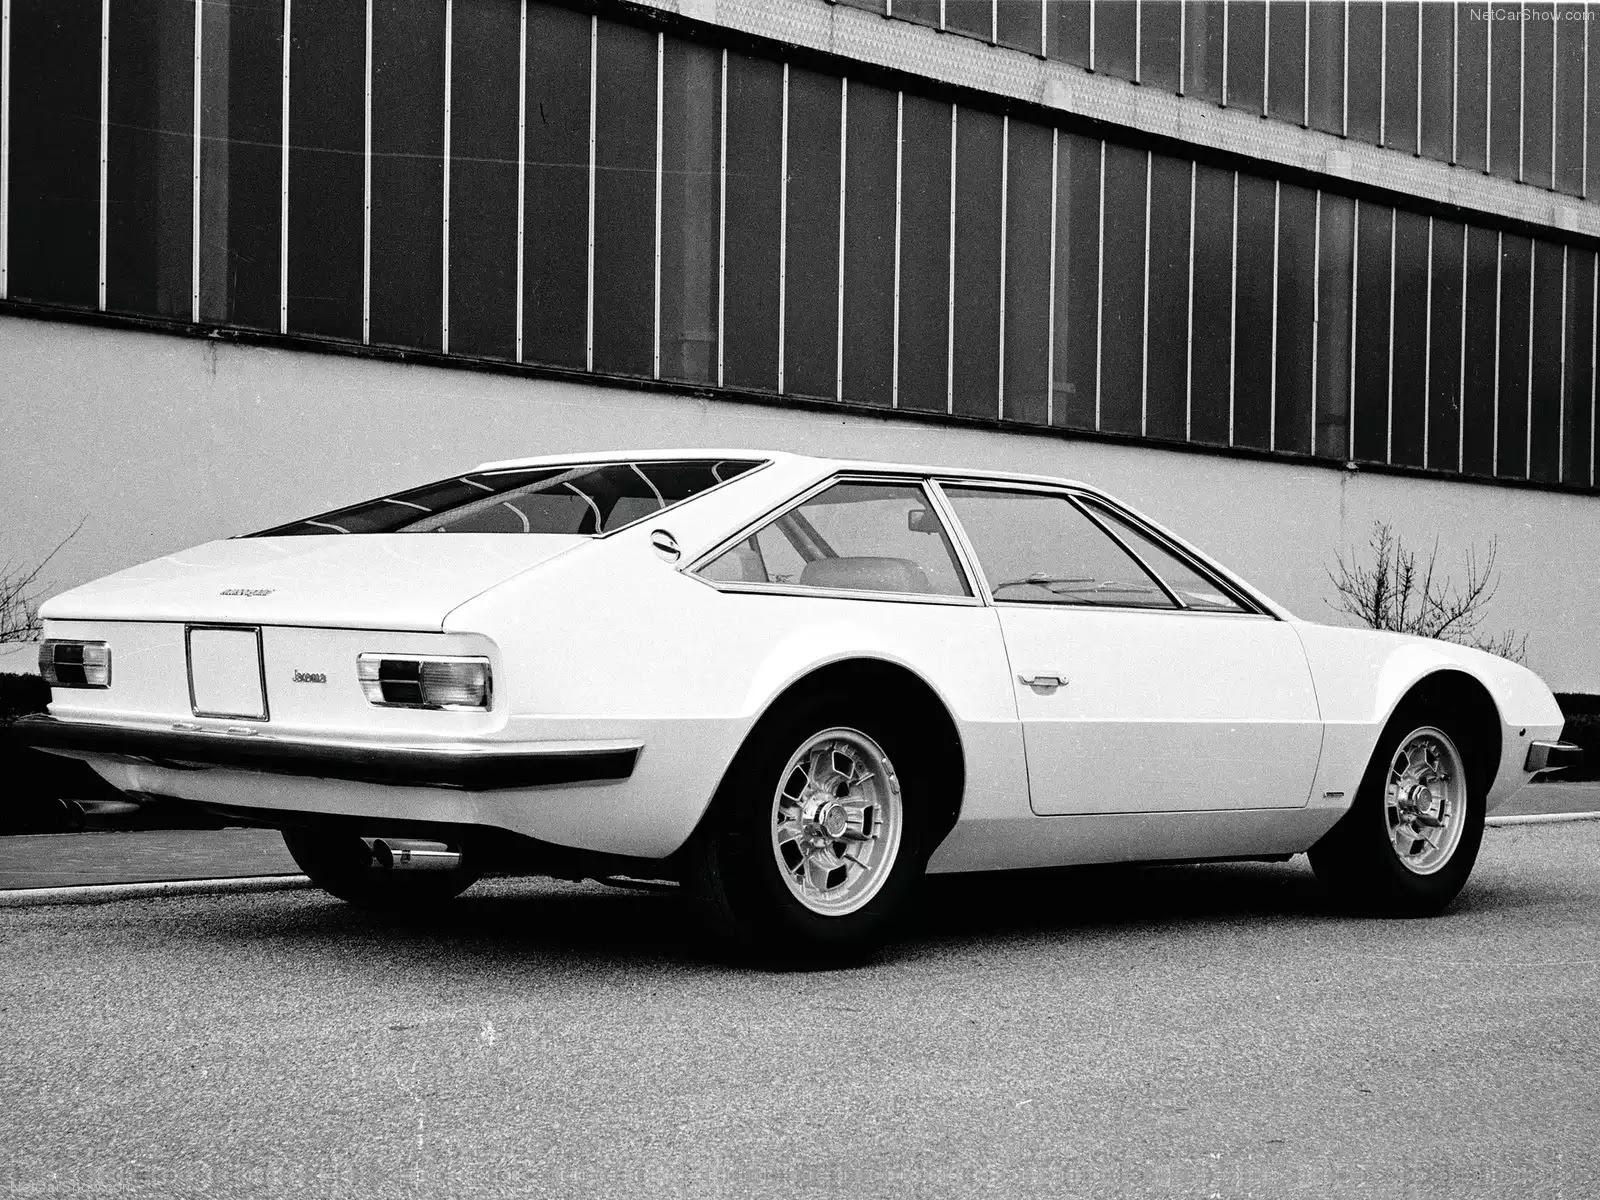 Hình ảnh siêu xe Lamborghini Jarama 1973 & nội ngoại thất